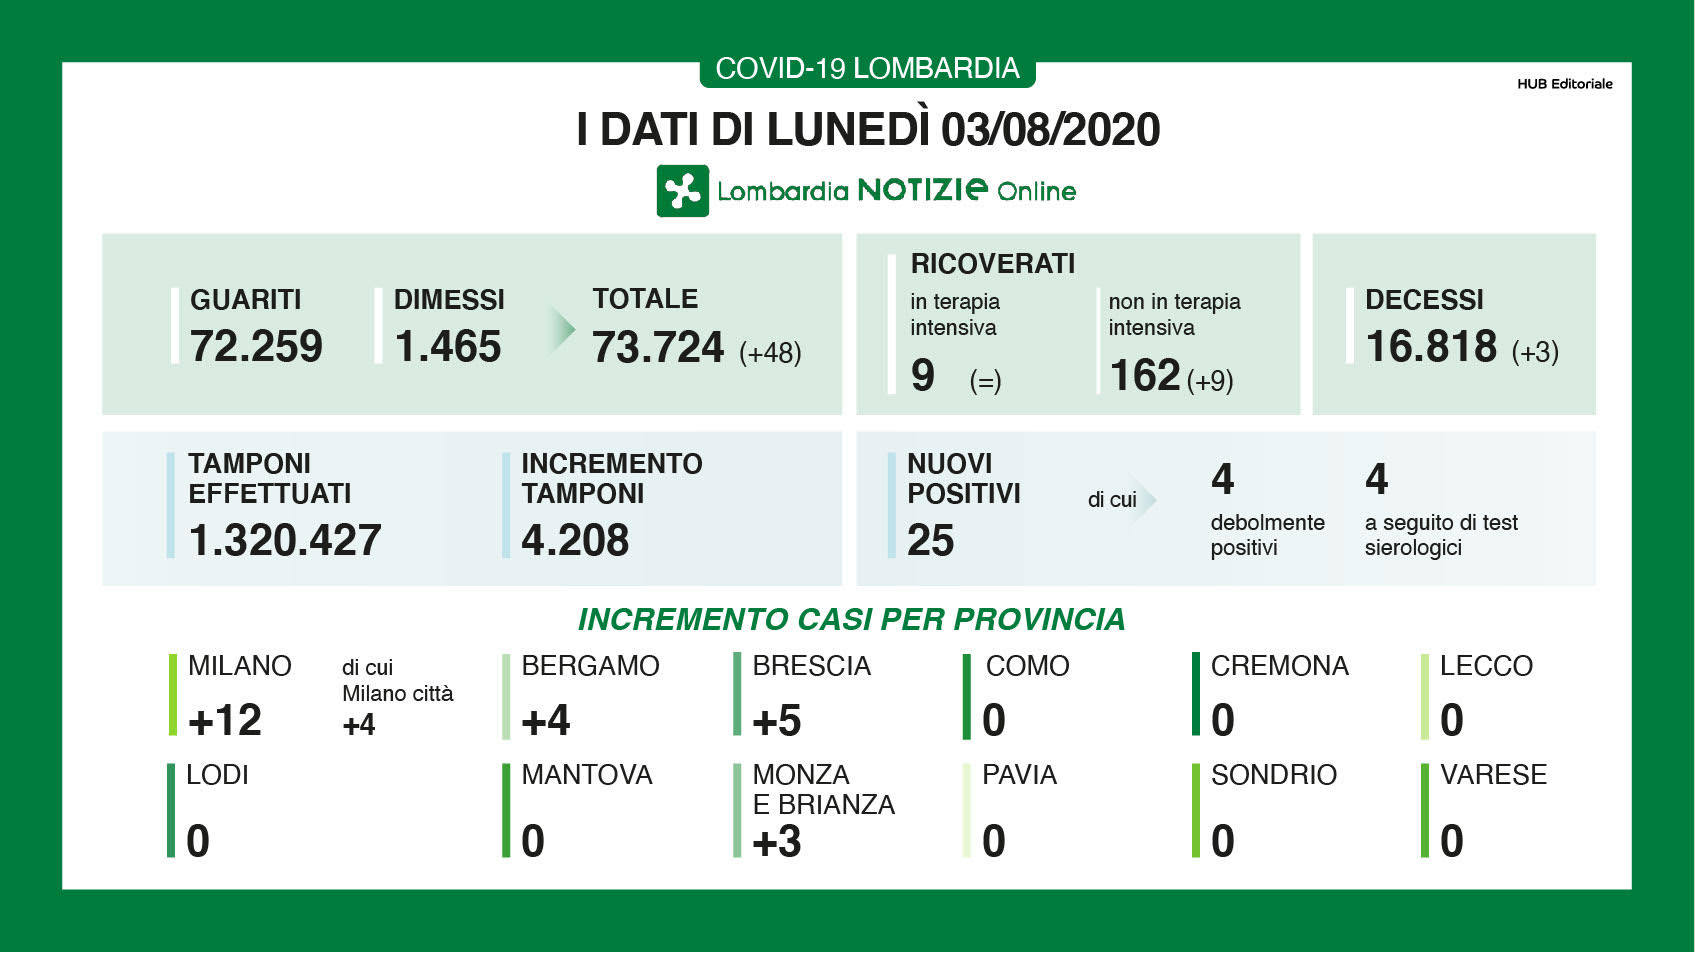 Coronavirus oggi in Lombardia: il bollettino con i dati del 3 agosto